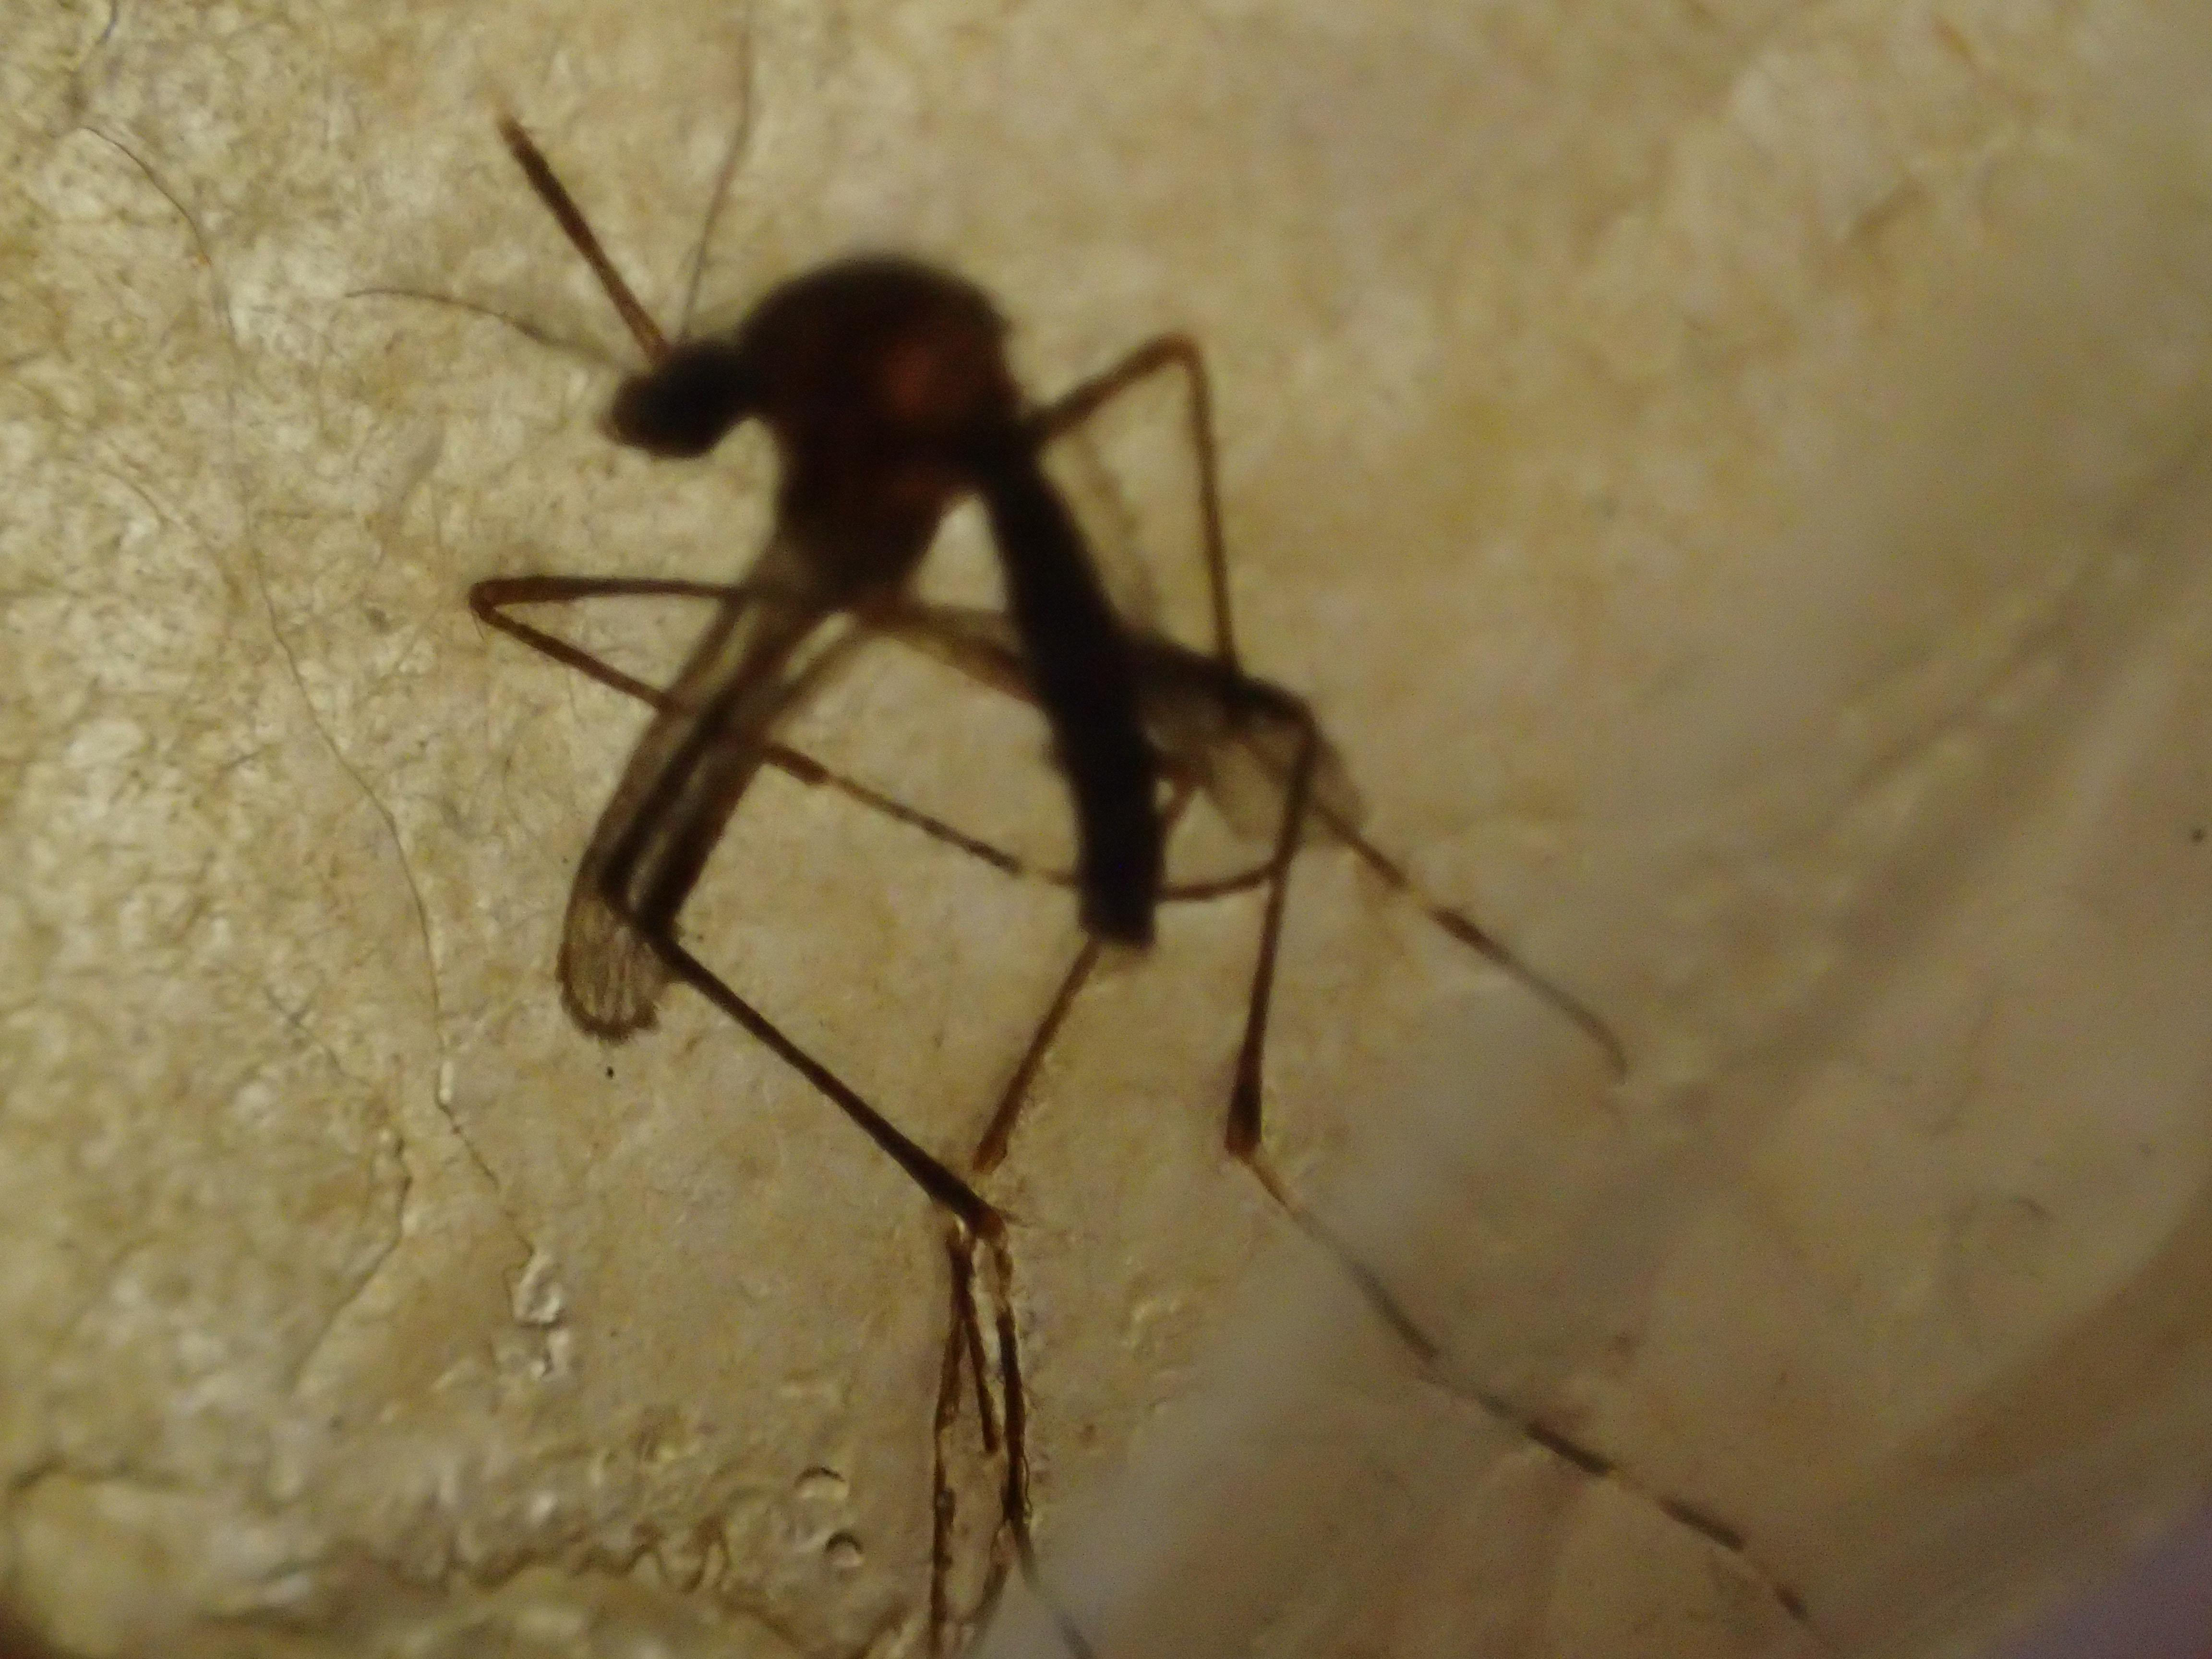 ハエの駆除用品「ハエ取り紙」に掛かった害虫の蚊(ヒトスジシマカ・ヤブ蚊)